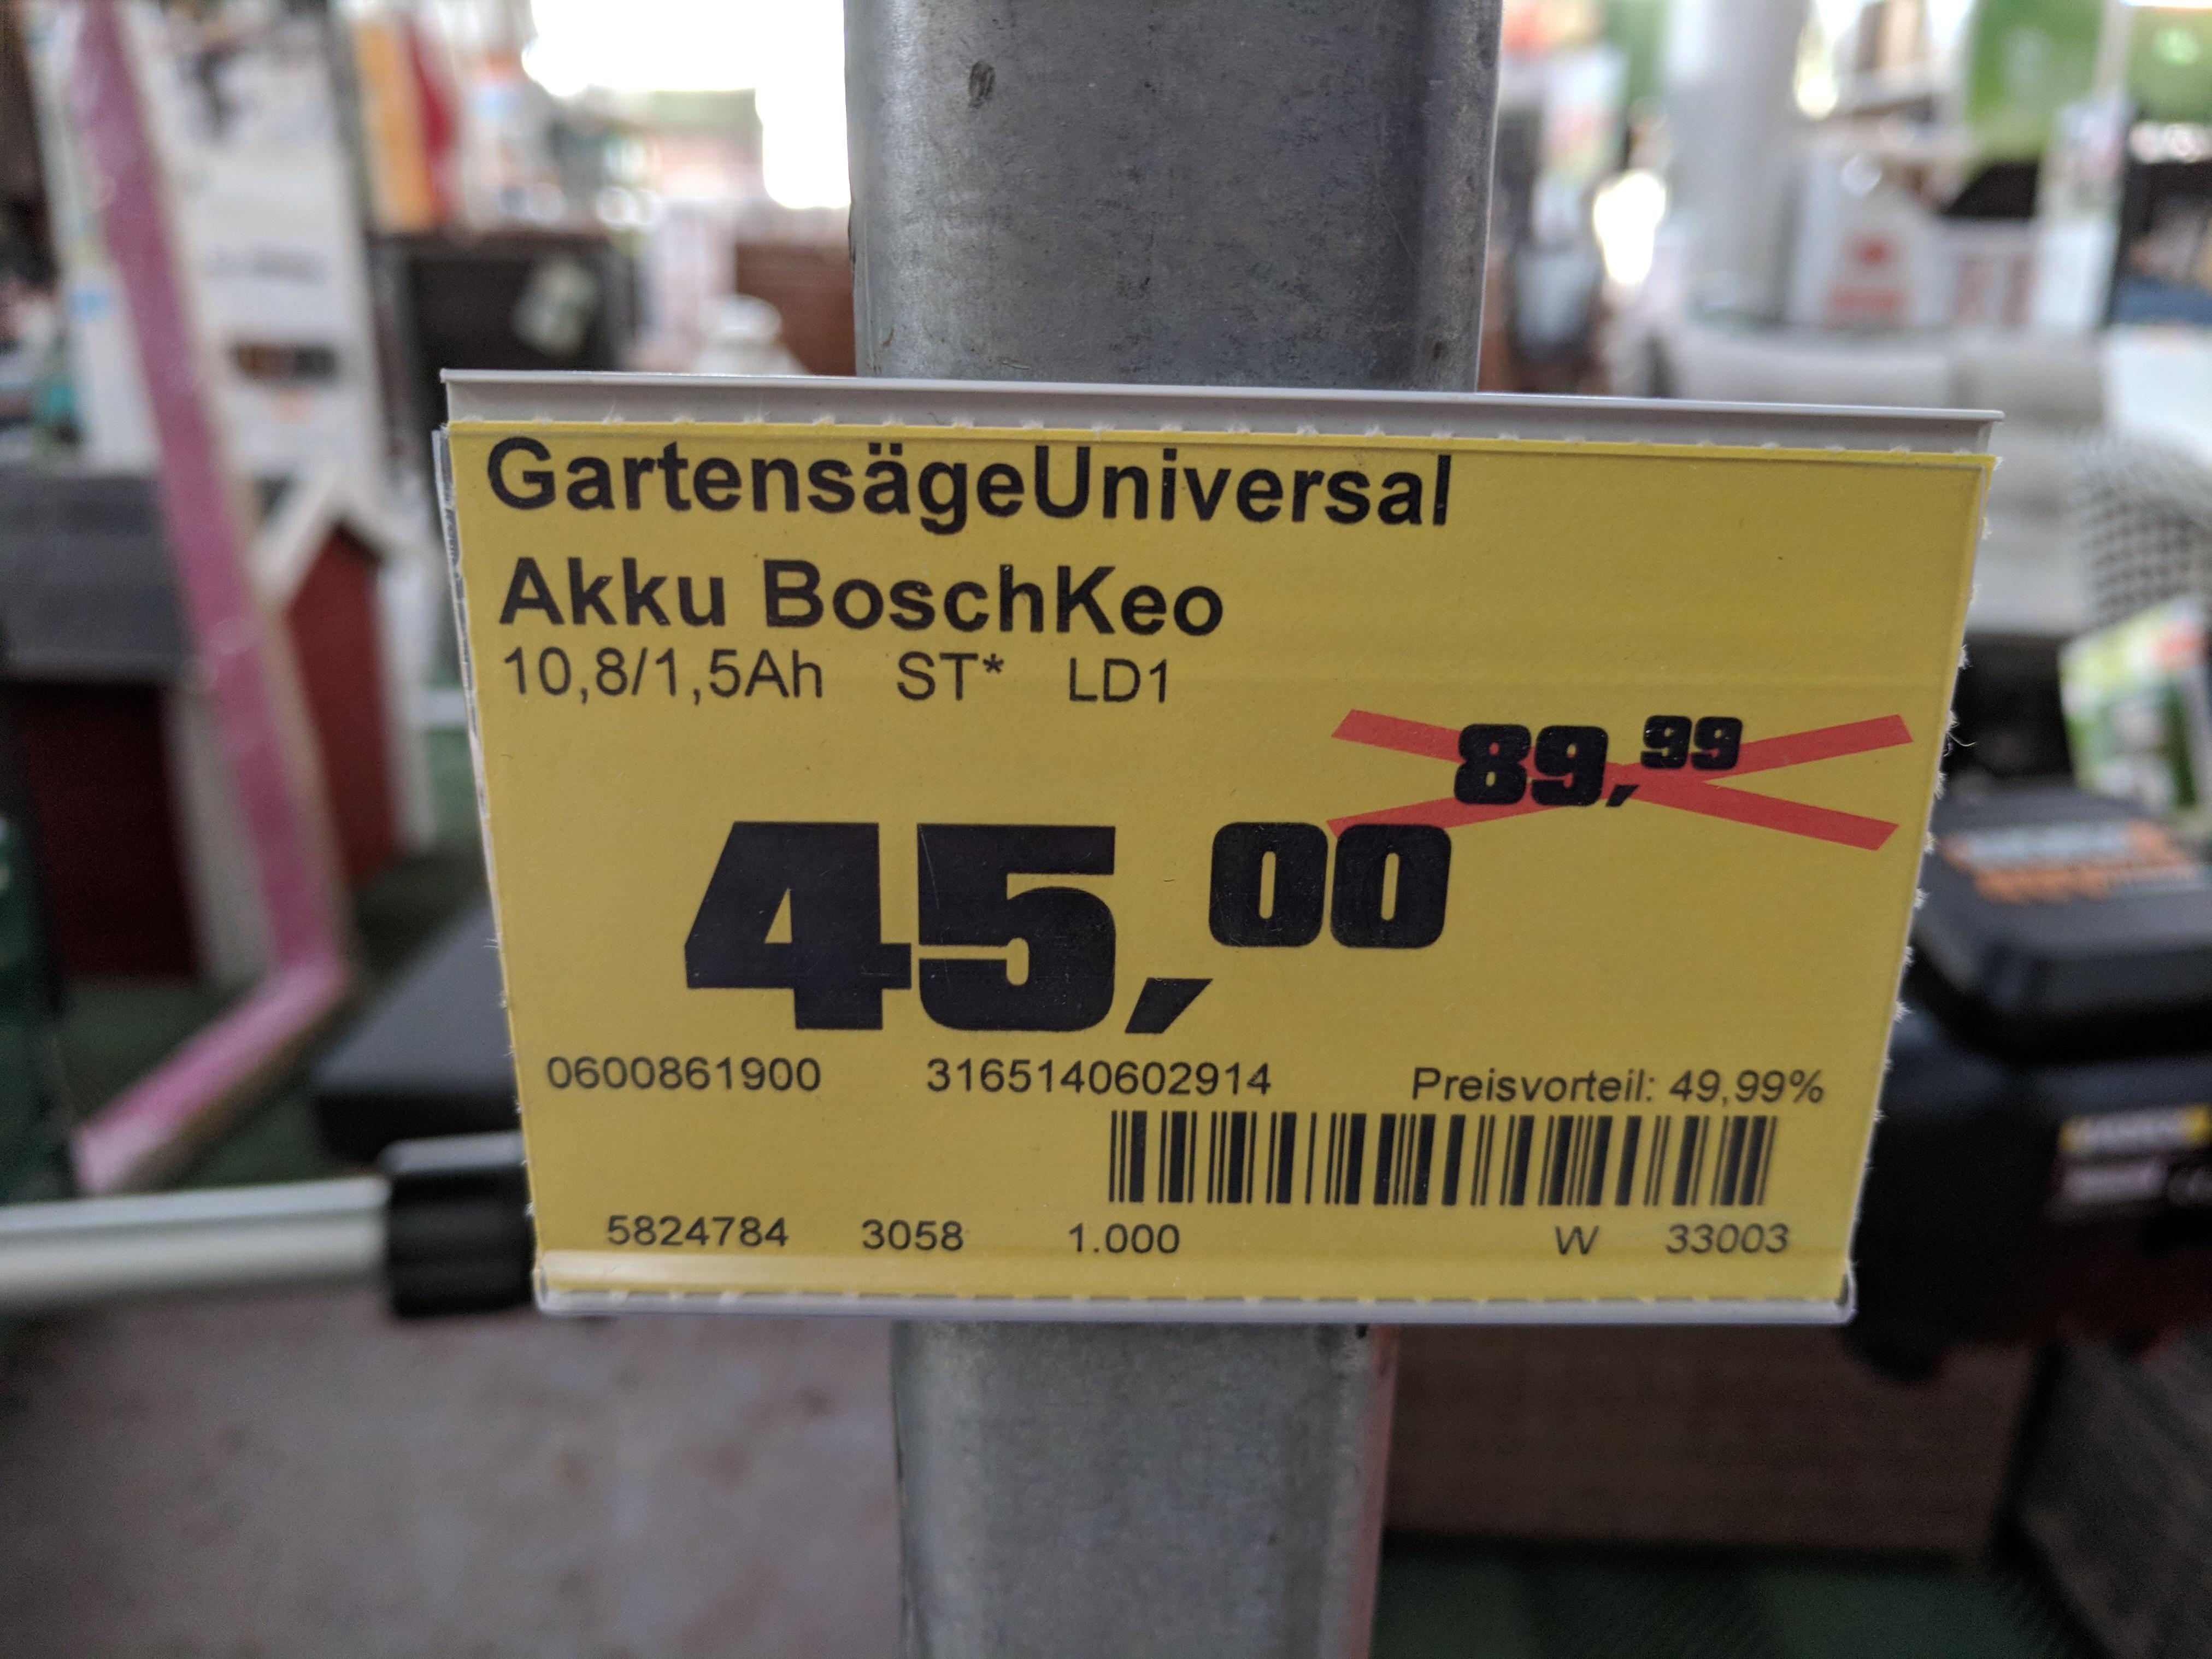 [Lokal Husum] Bosch Keo Akku Gartensäge bei OBI